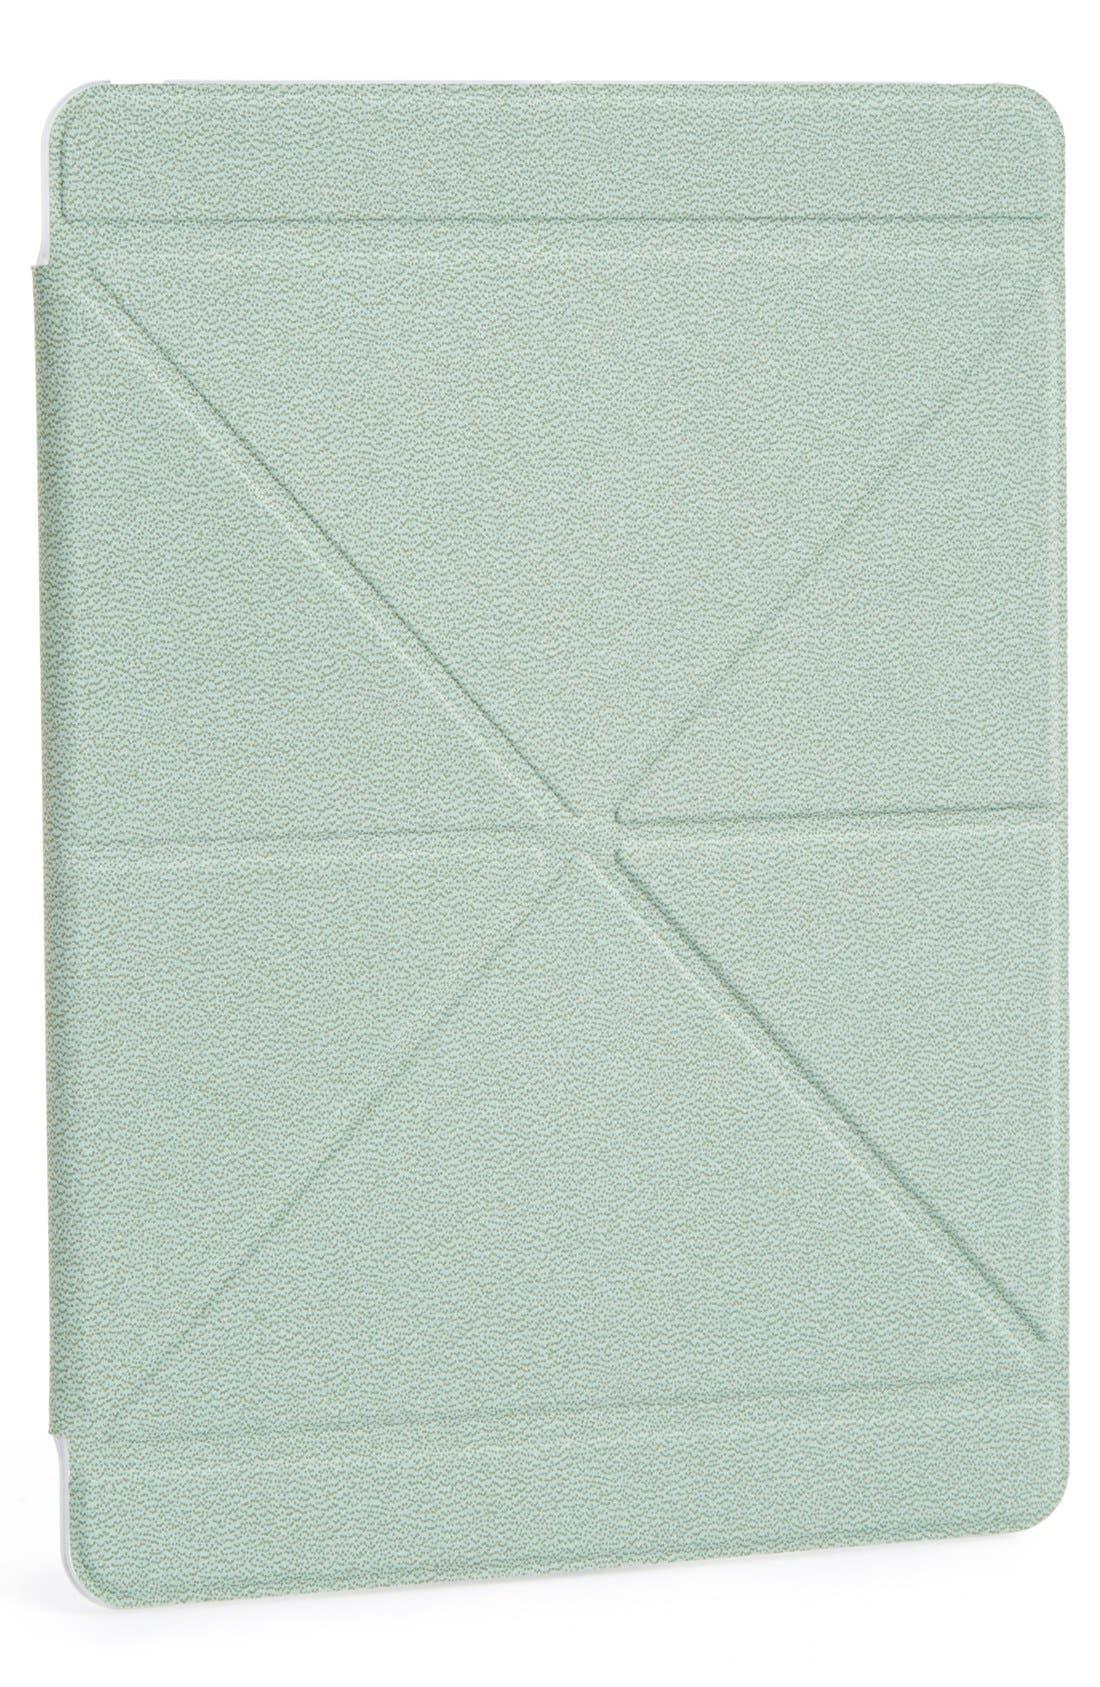 'VersaCover' iPad Air Cover,                             Main thumbnail 1, color,                             Green